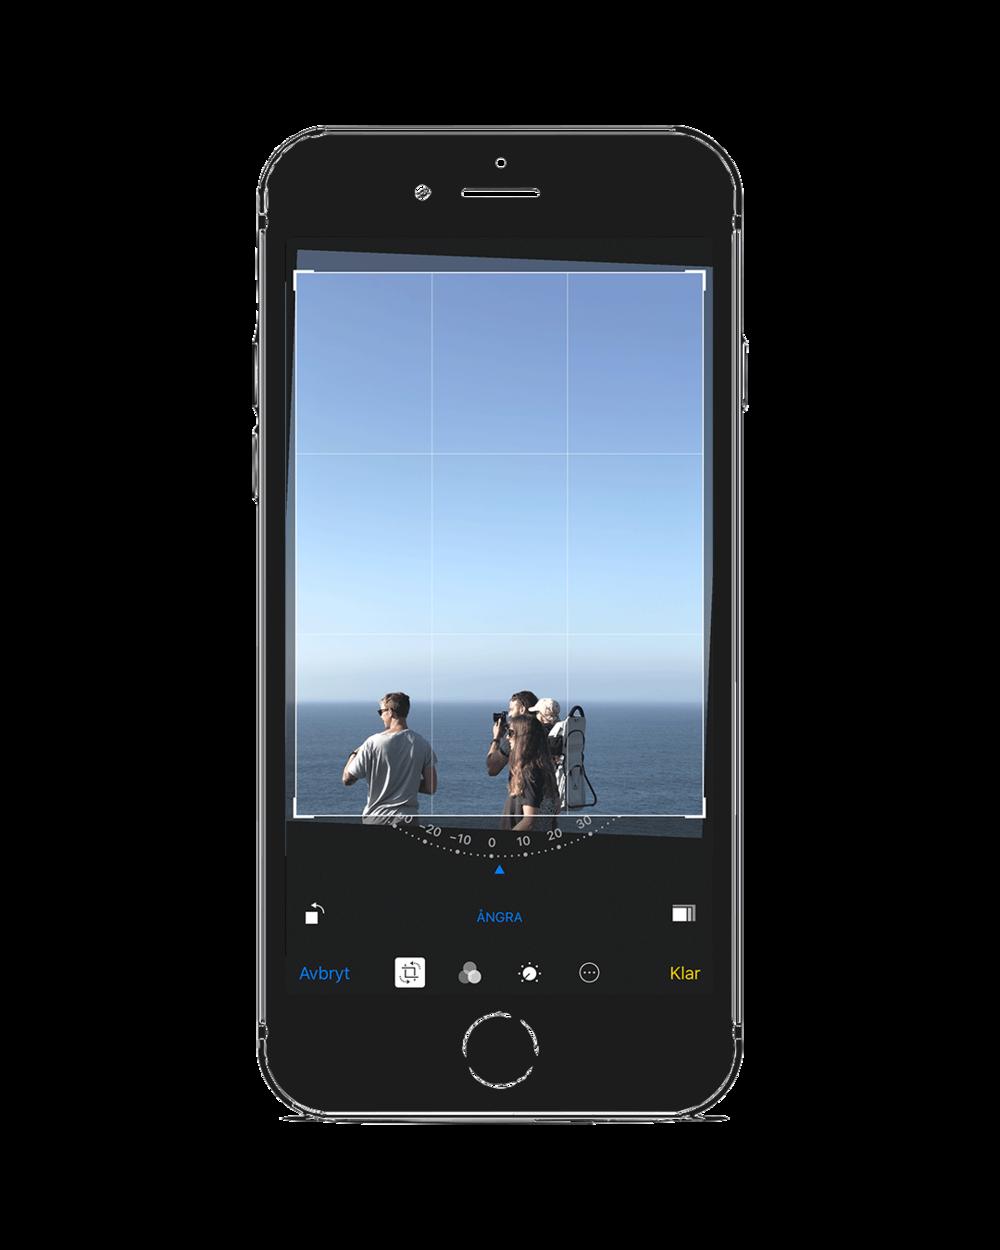 Steg 4. Räta upp horisonten - Fotograferar du med en horisont i bakgrunden är det alltid läge att räta upp den. I detta fall beskär vi inte bilden ytterligare, då den redan är komponerad på det sätt vi tycker passar bra.